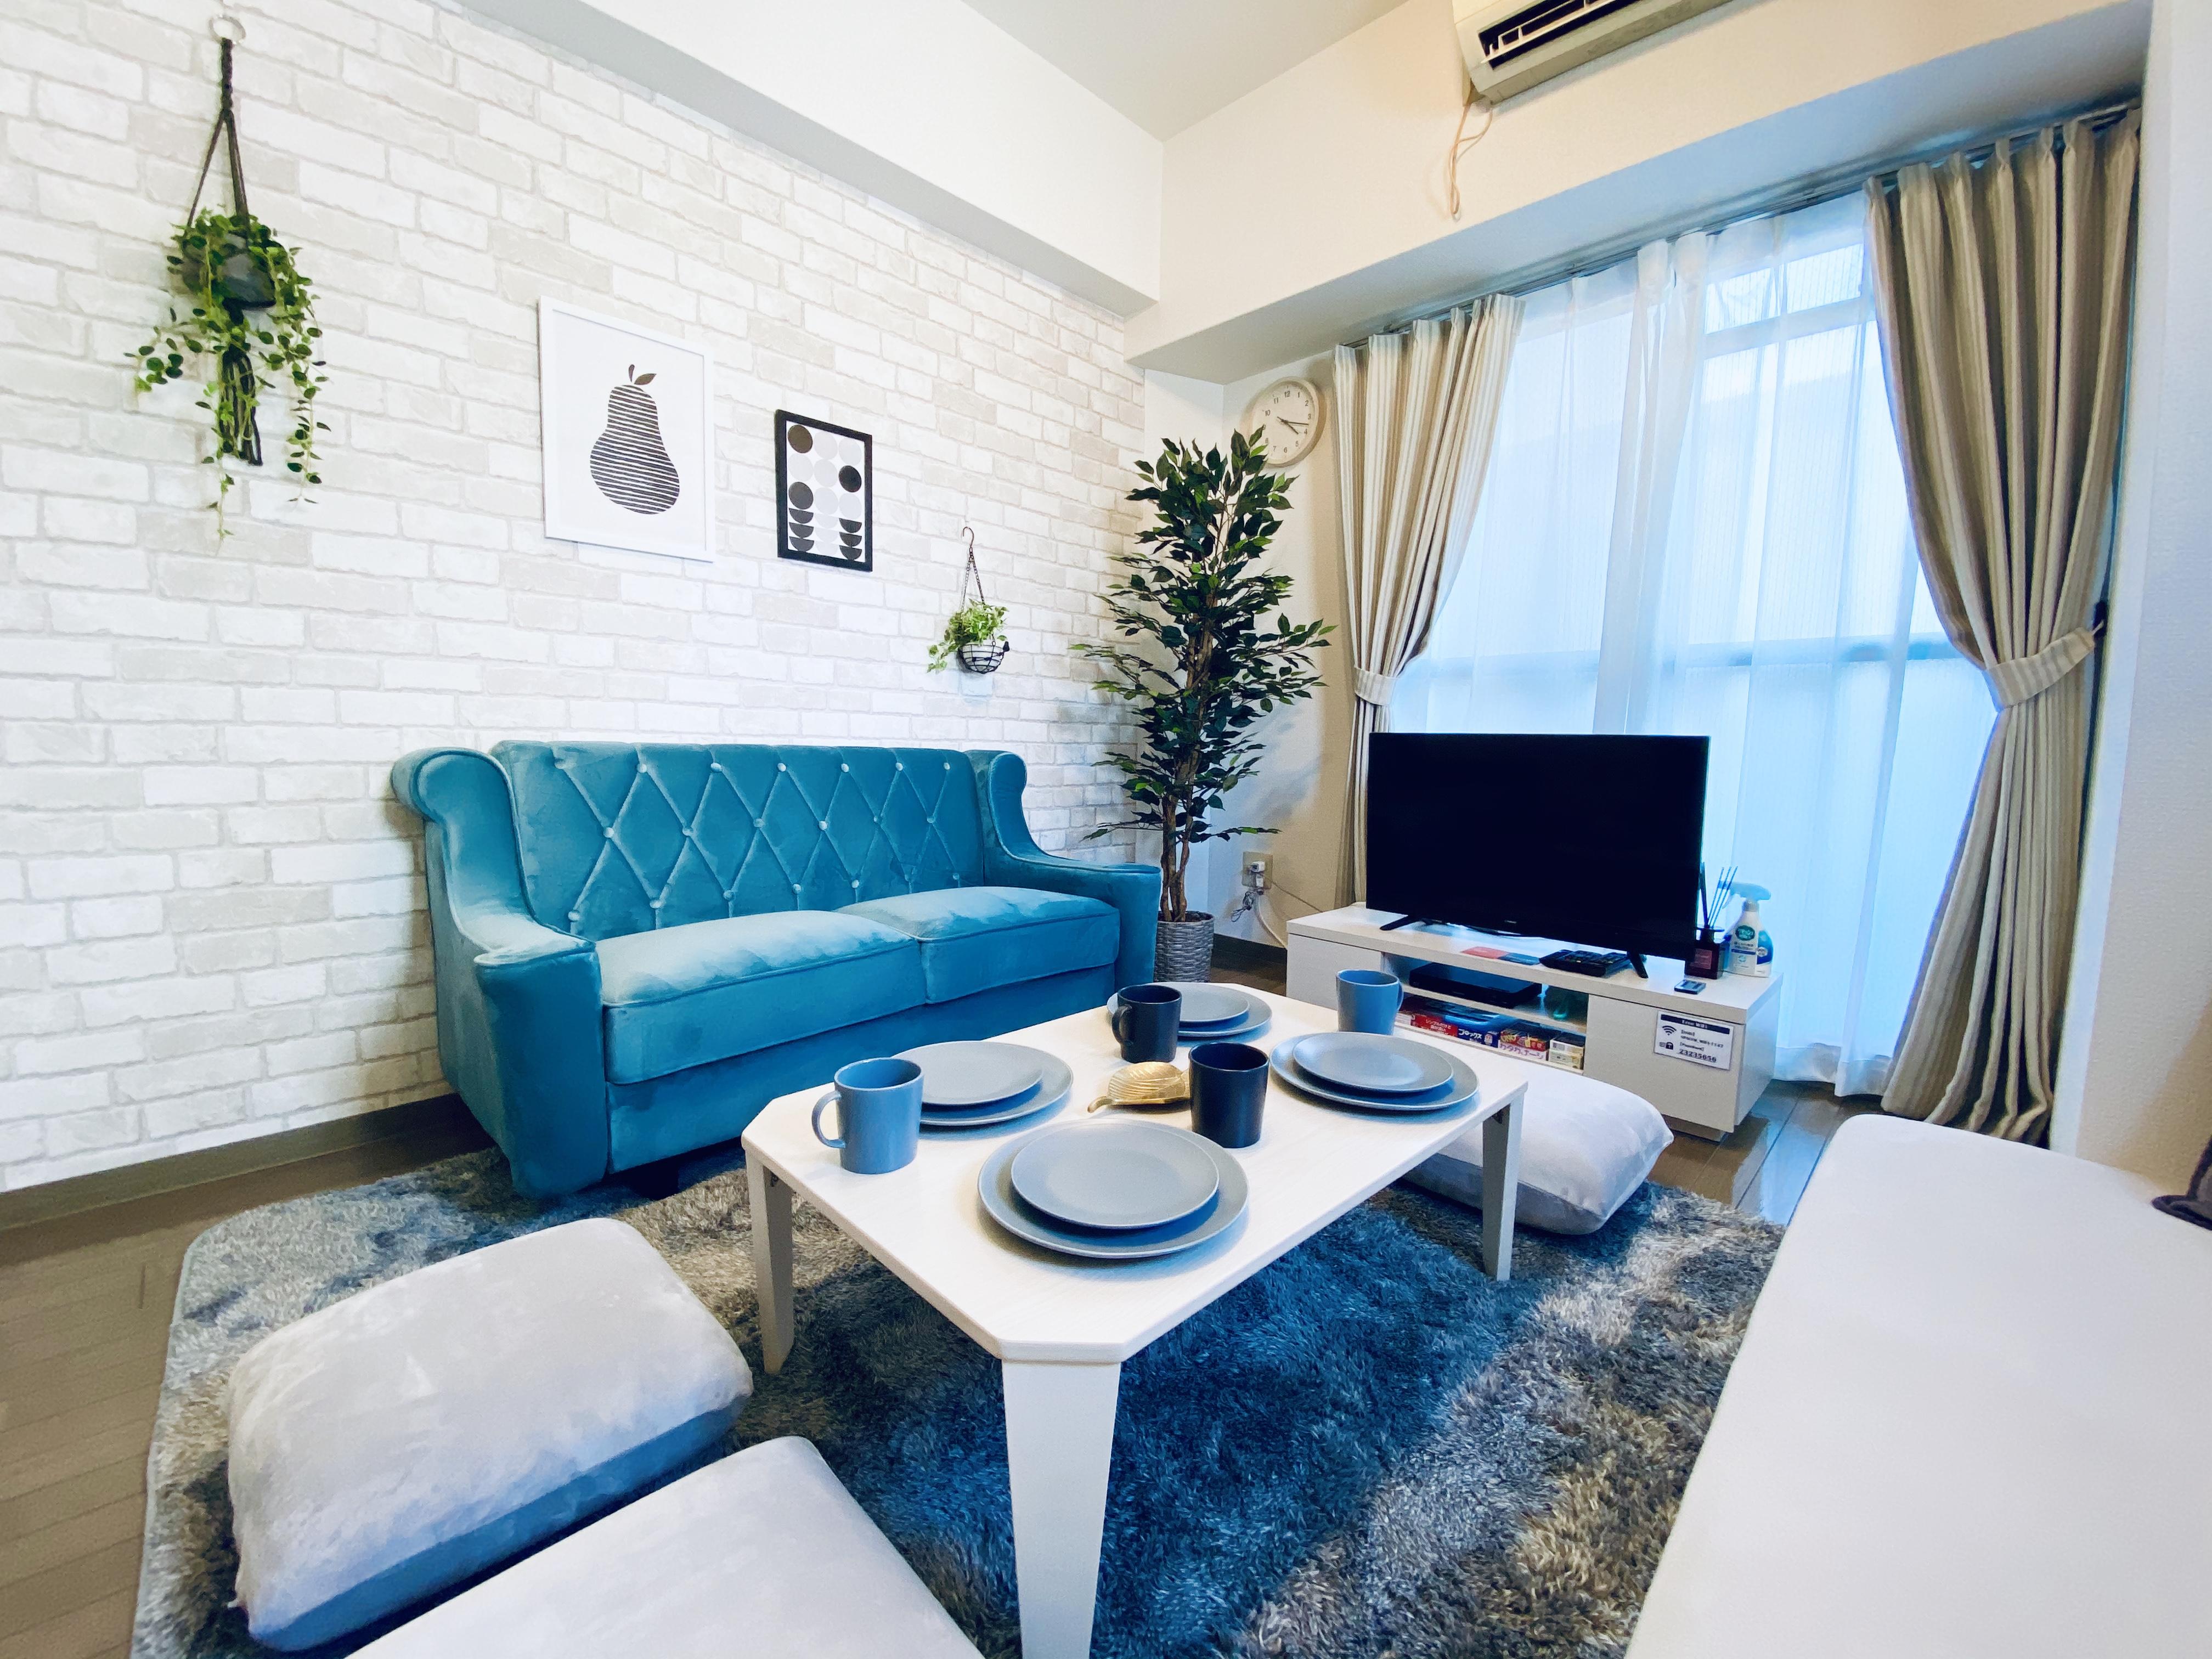 都心を感じさせない静かなスペースです🏢 - 〈SMILE+〉ViVi梅田 レンタルスペース、パーティルームの室内の写真